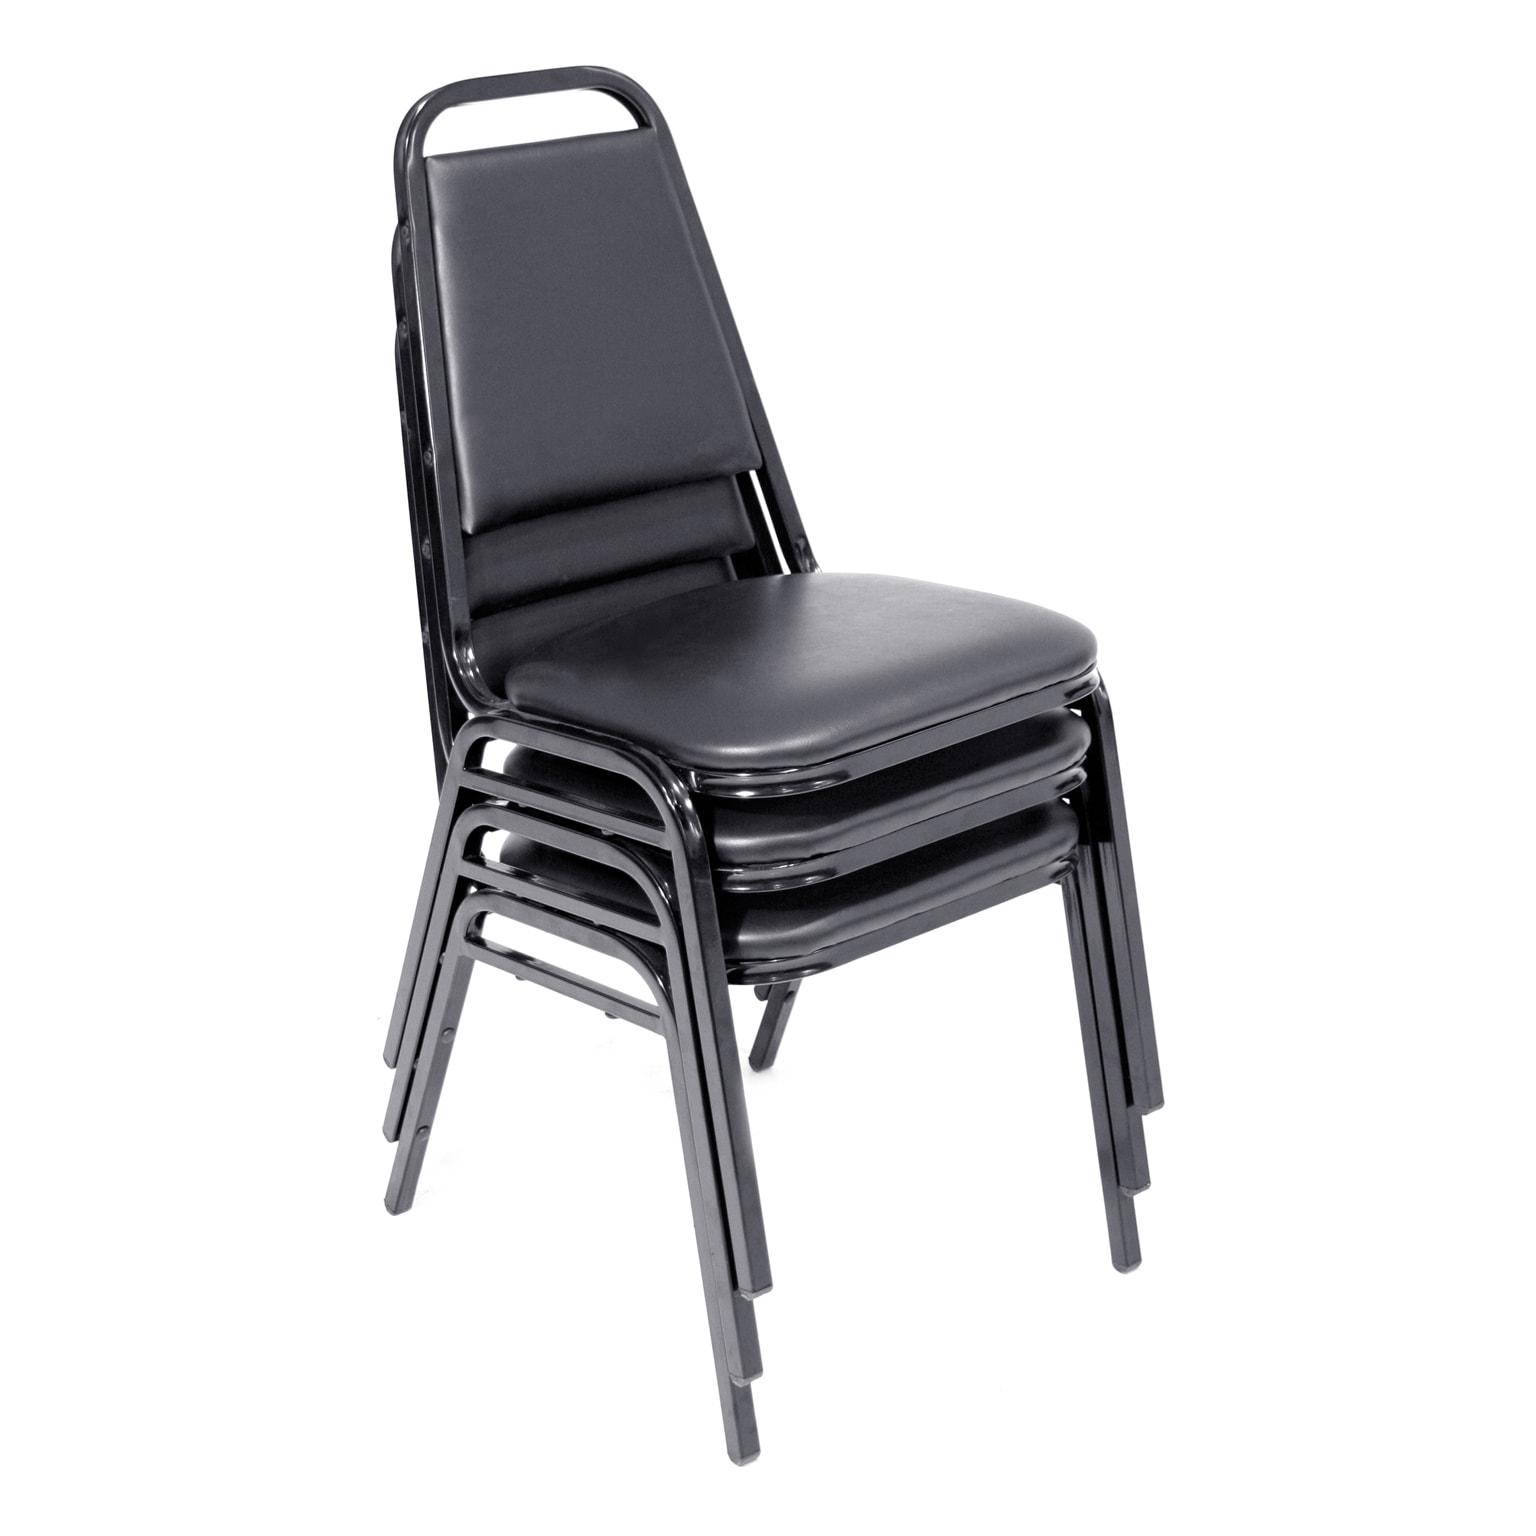 Restaurant Stack Chair (40 pack)- Black Black 843532051689